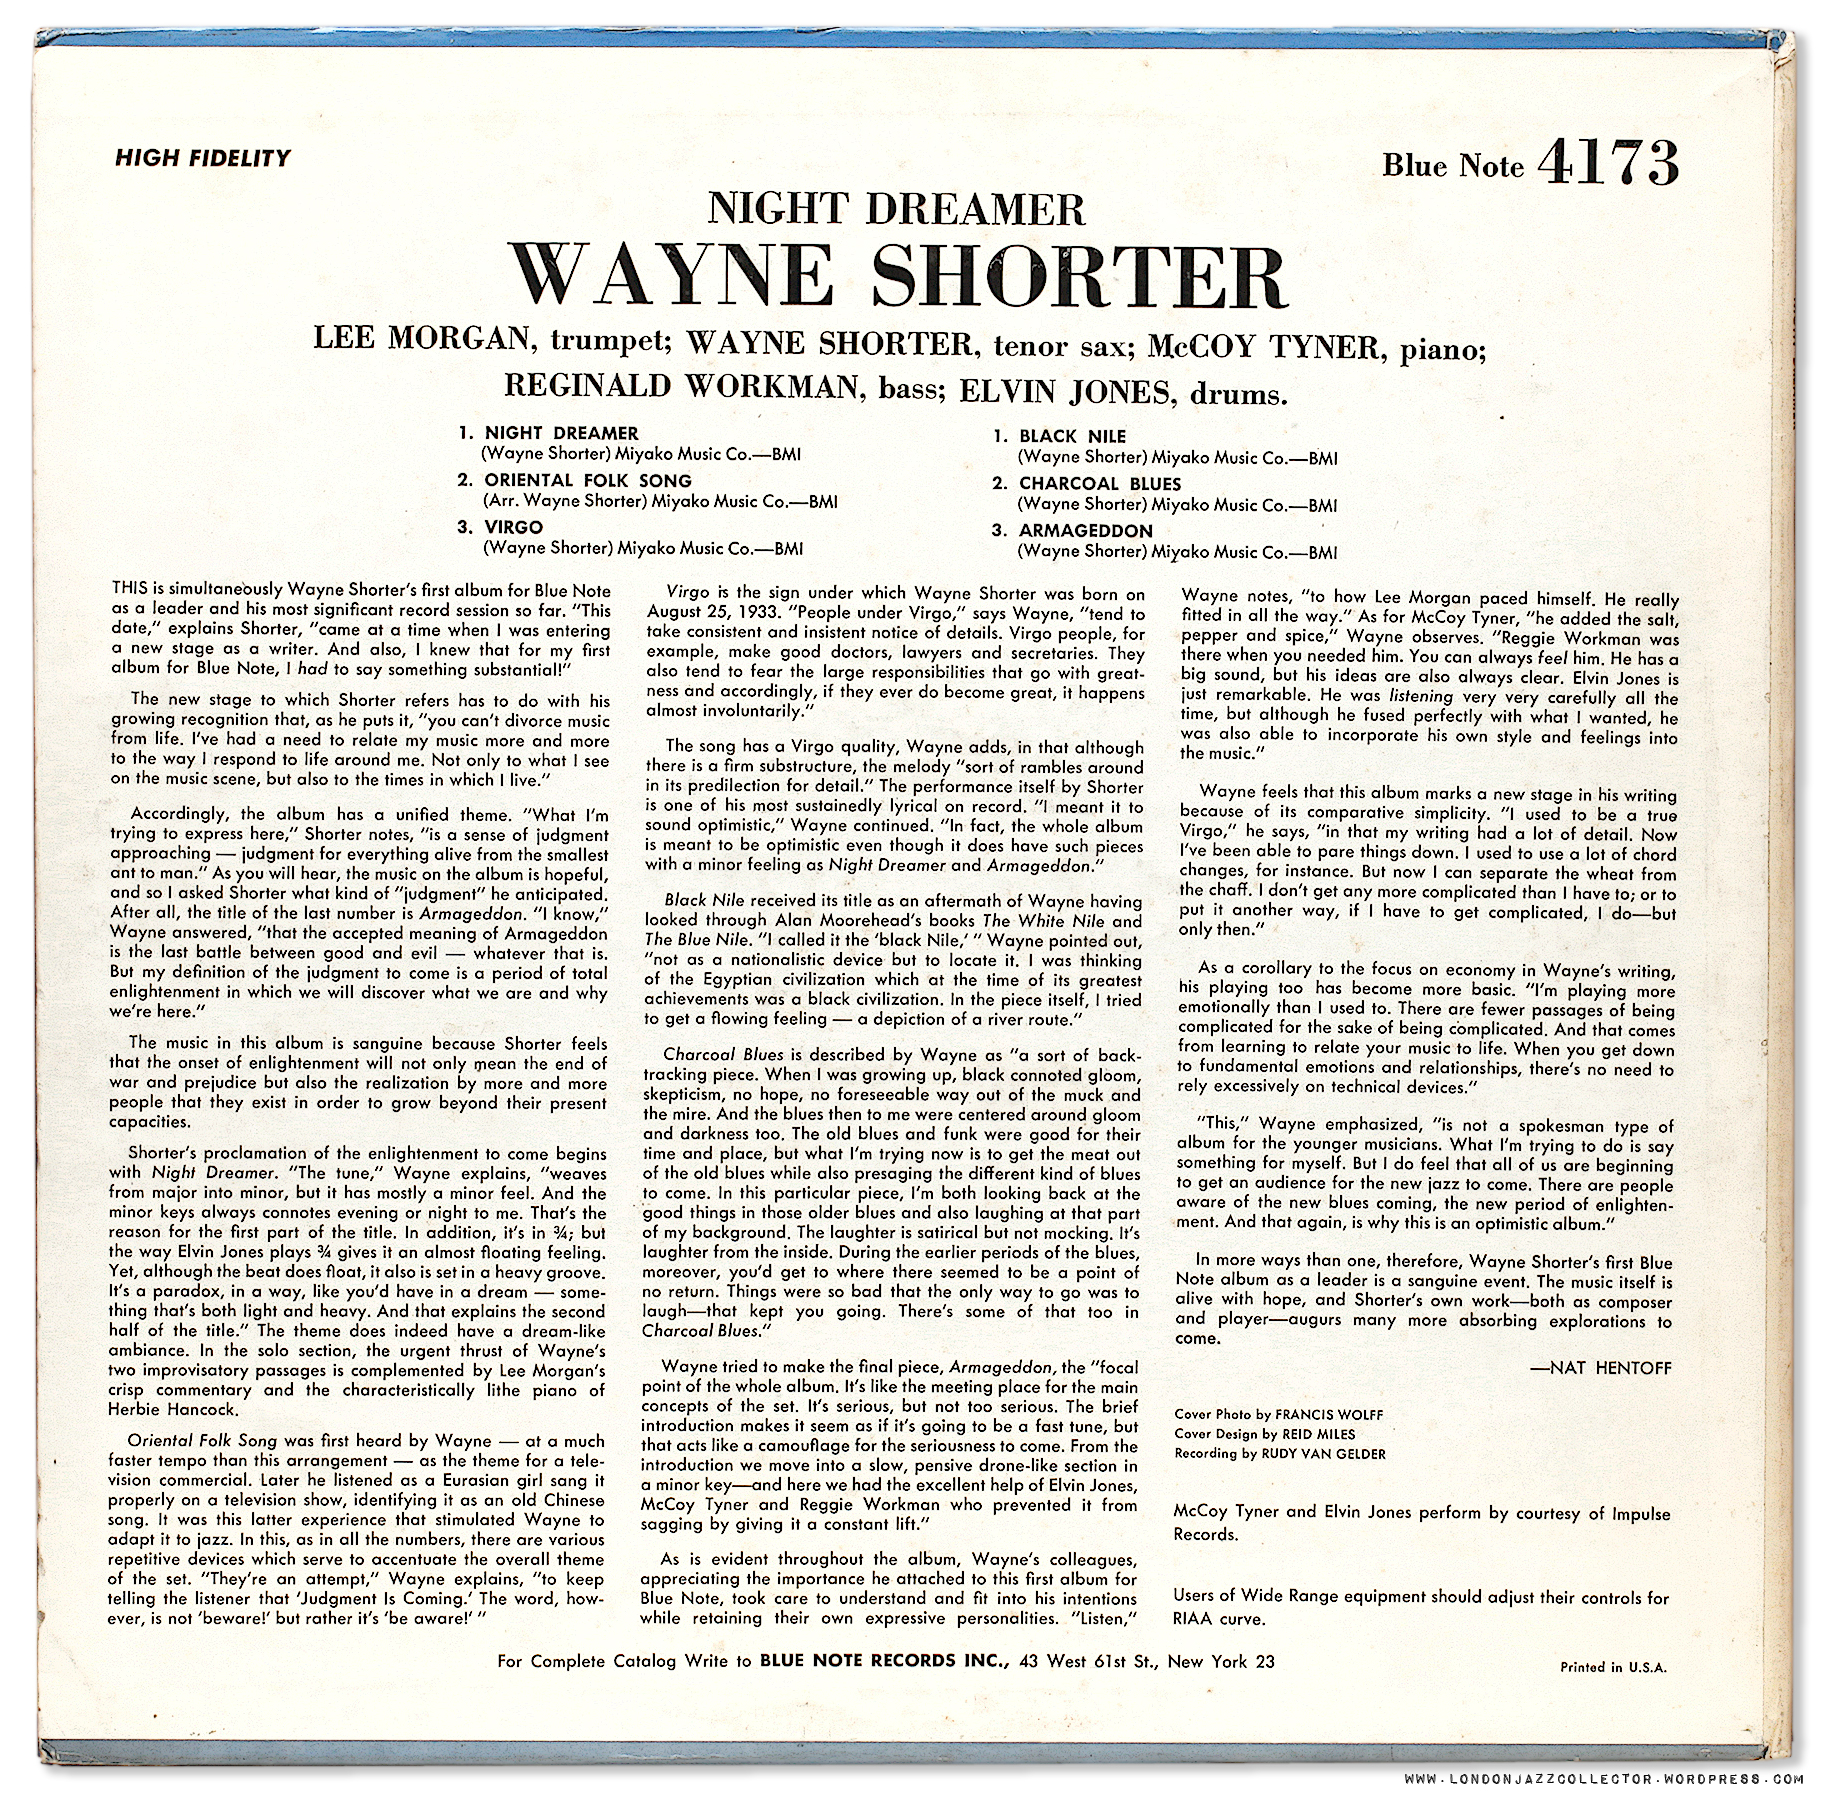 Wayne Shorter Night Dreamer 1964 Blue Note